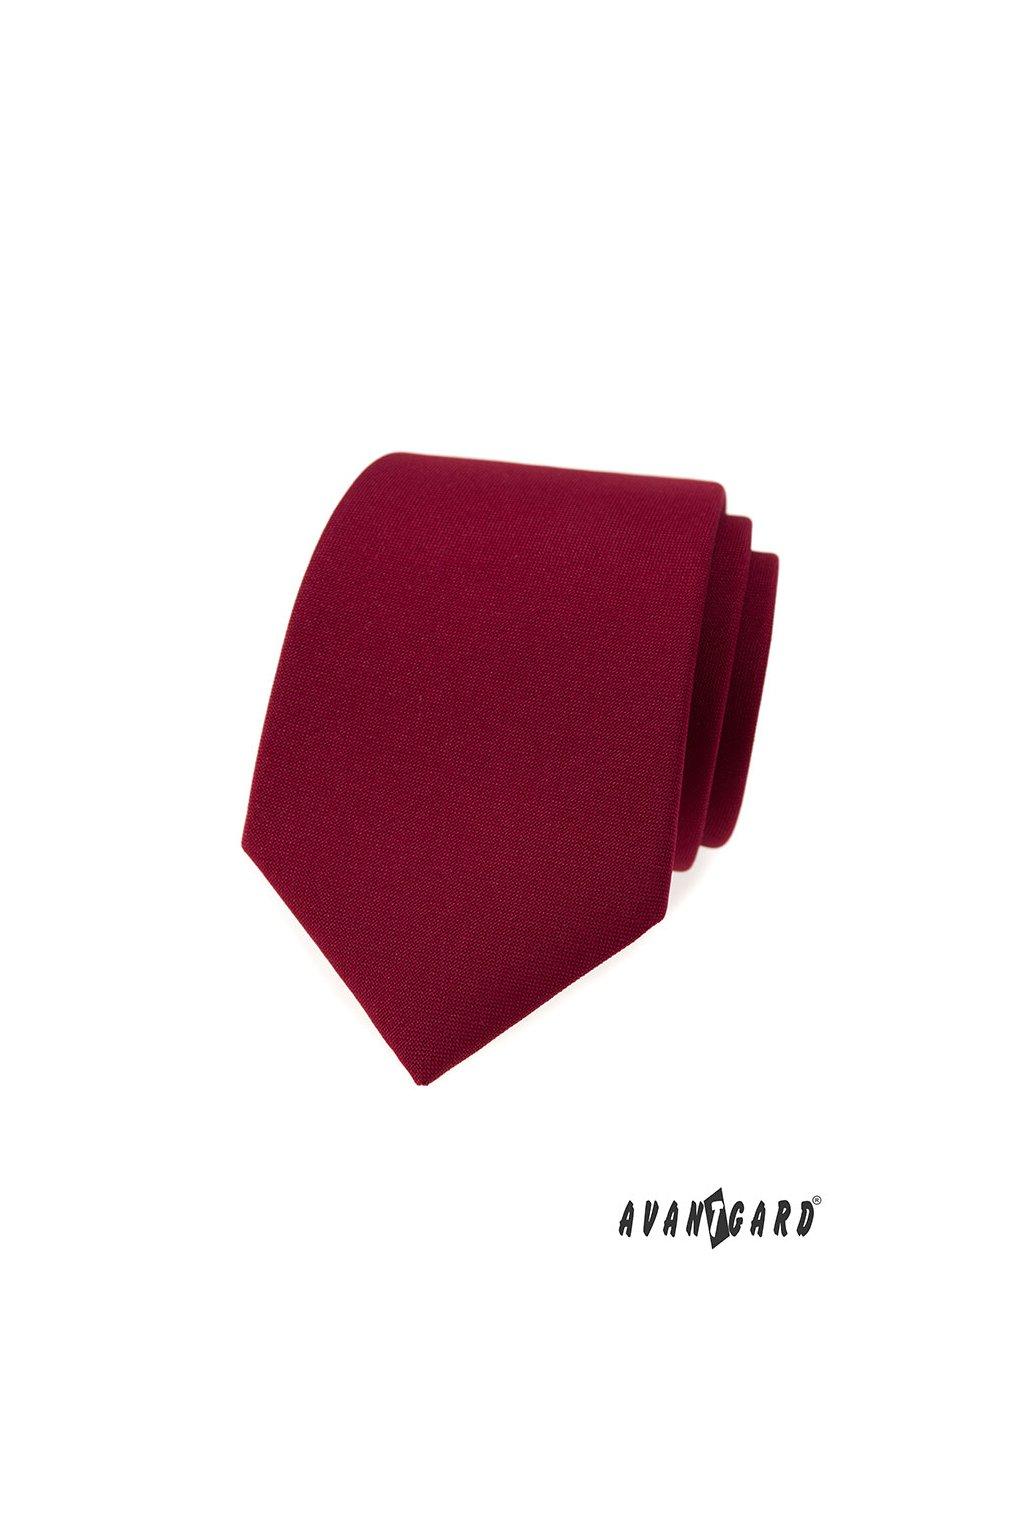 Bordó luxusní kravata jednobarevná 561 - 9853